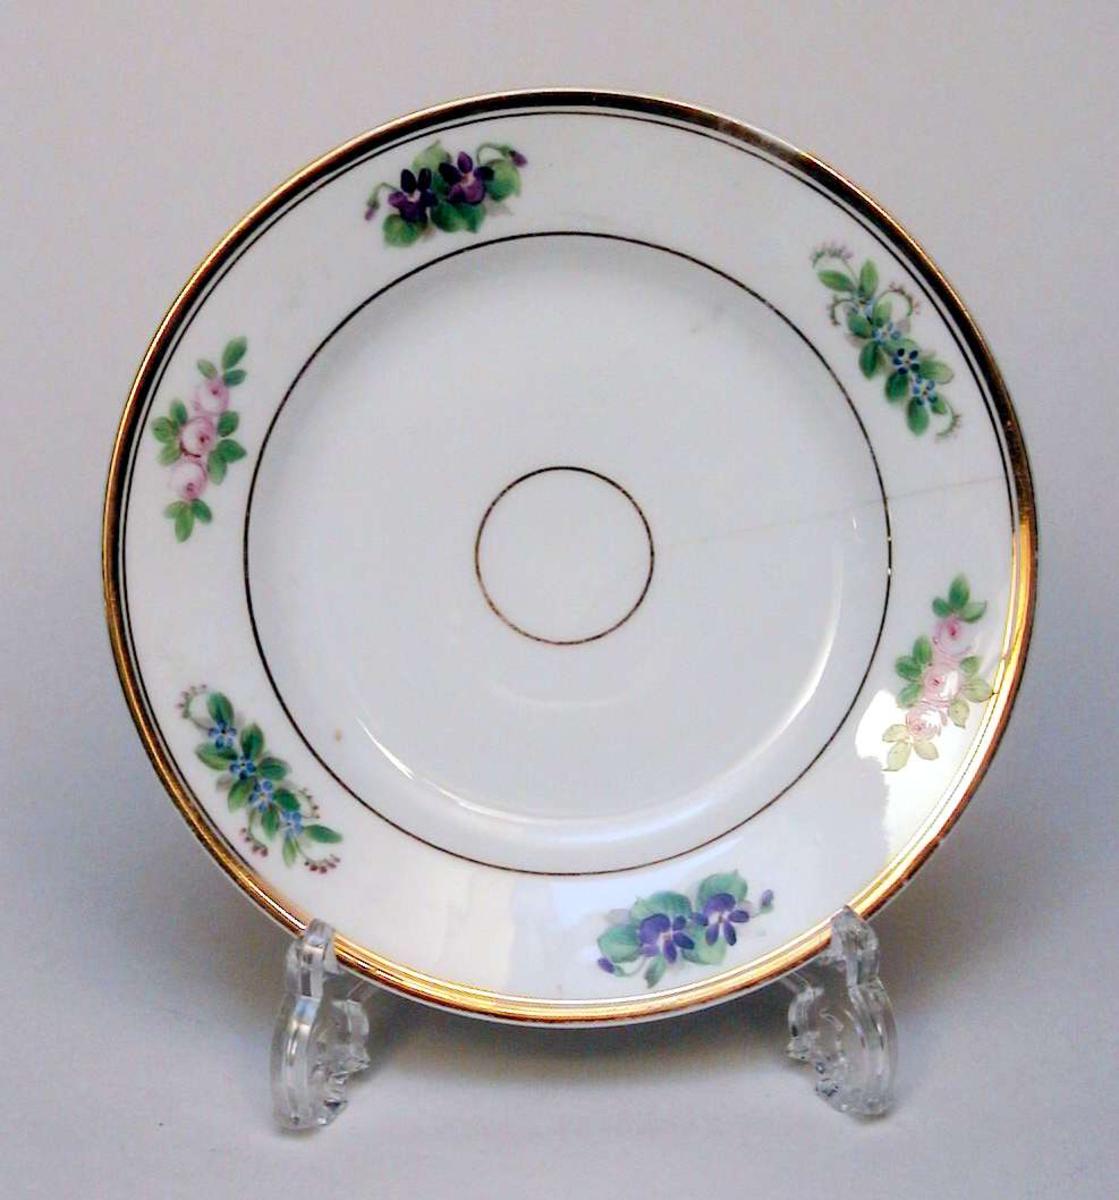 Asjett i hvit porselen med polykrom blomsterdekor og gullkant. Det er en sprekk i asjetten.